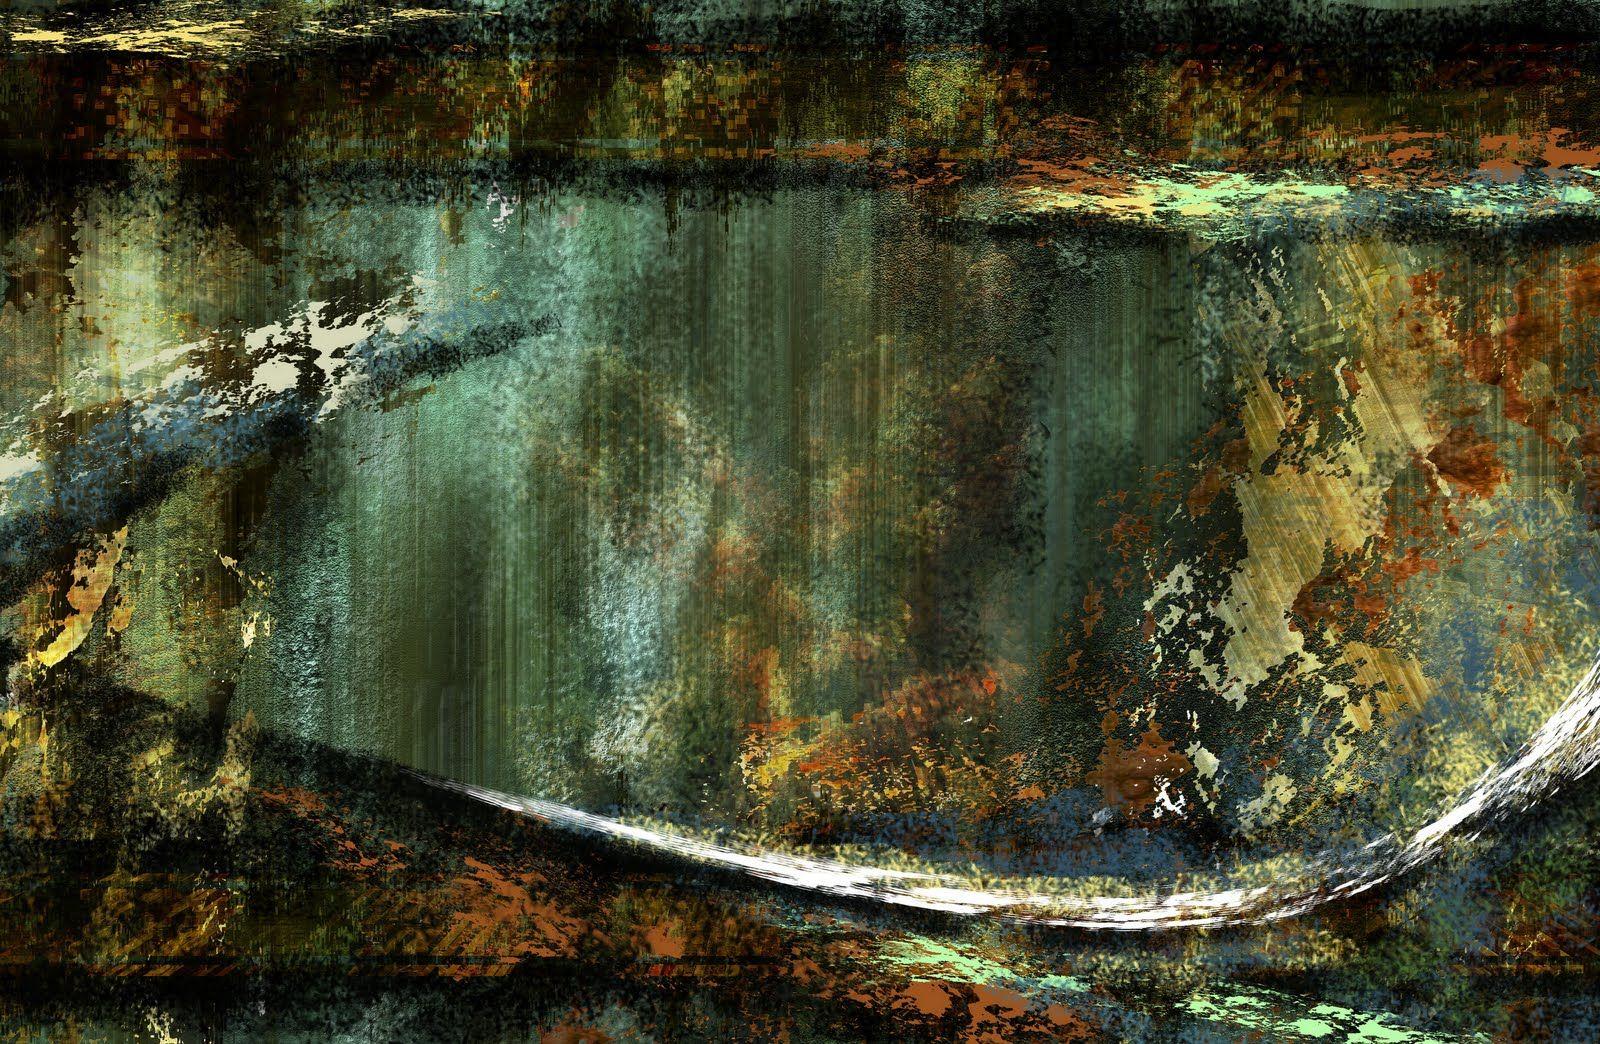 Imagenes Abstractas En Hd Para Descargar: Fondos Abstractos Alta Resolucion Gratis